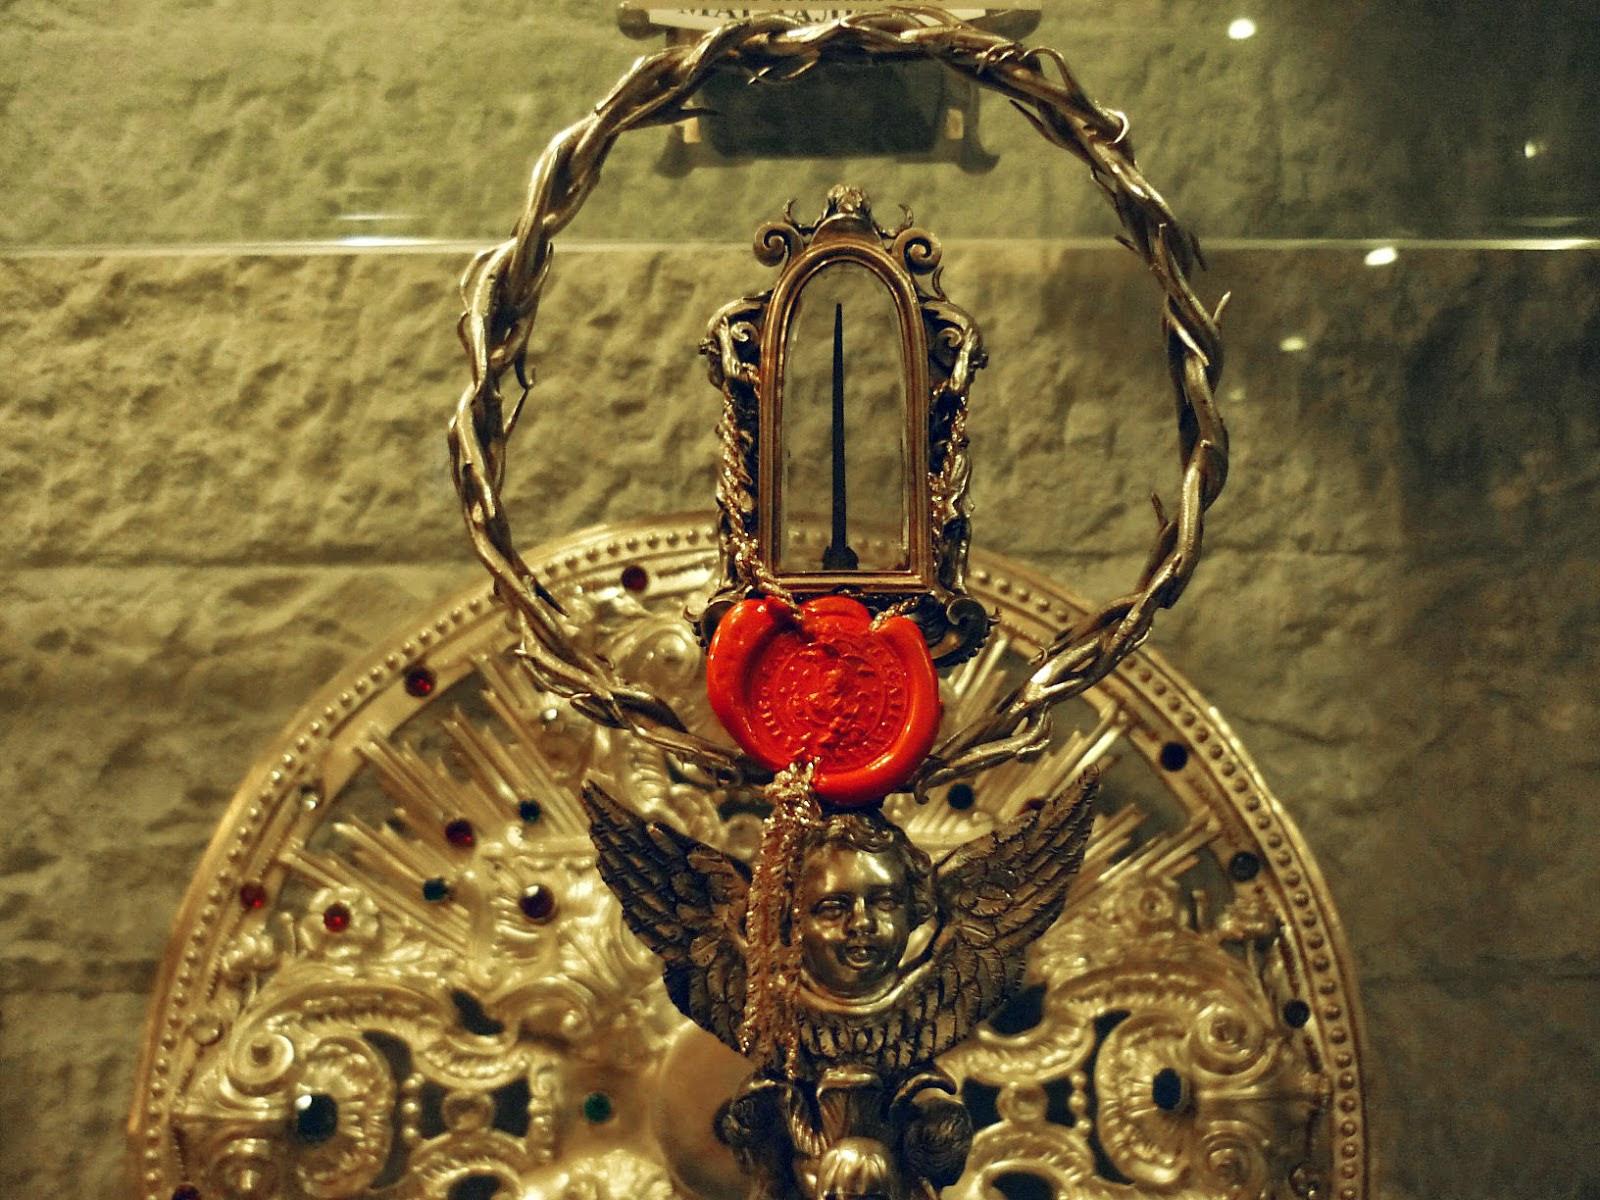 Η Ιερά Άκανθα του Αγίου Νικολάου στο Μπάρι της Ιταλίας. http://leipsanothiki.blogspot.be/